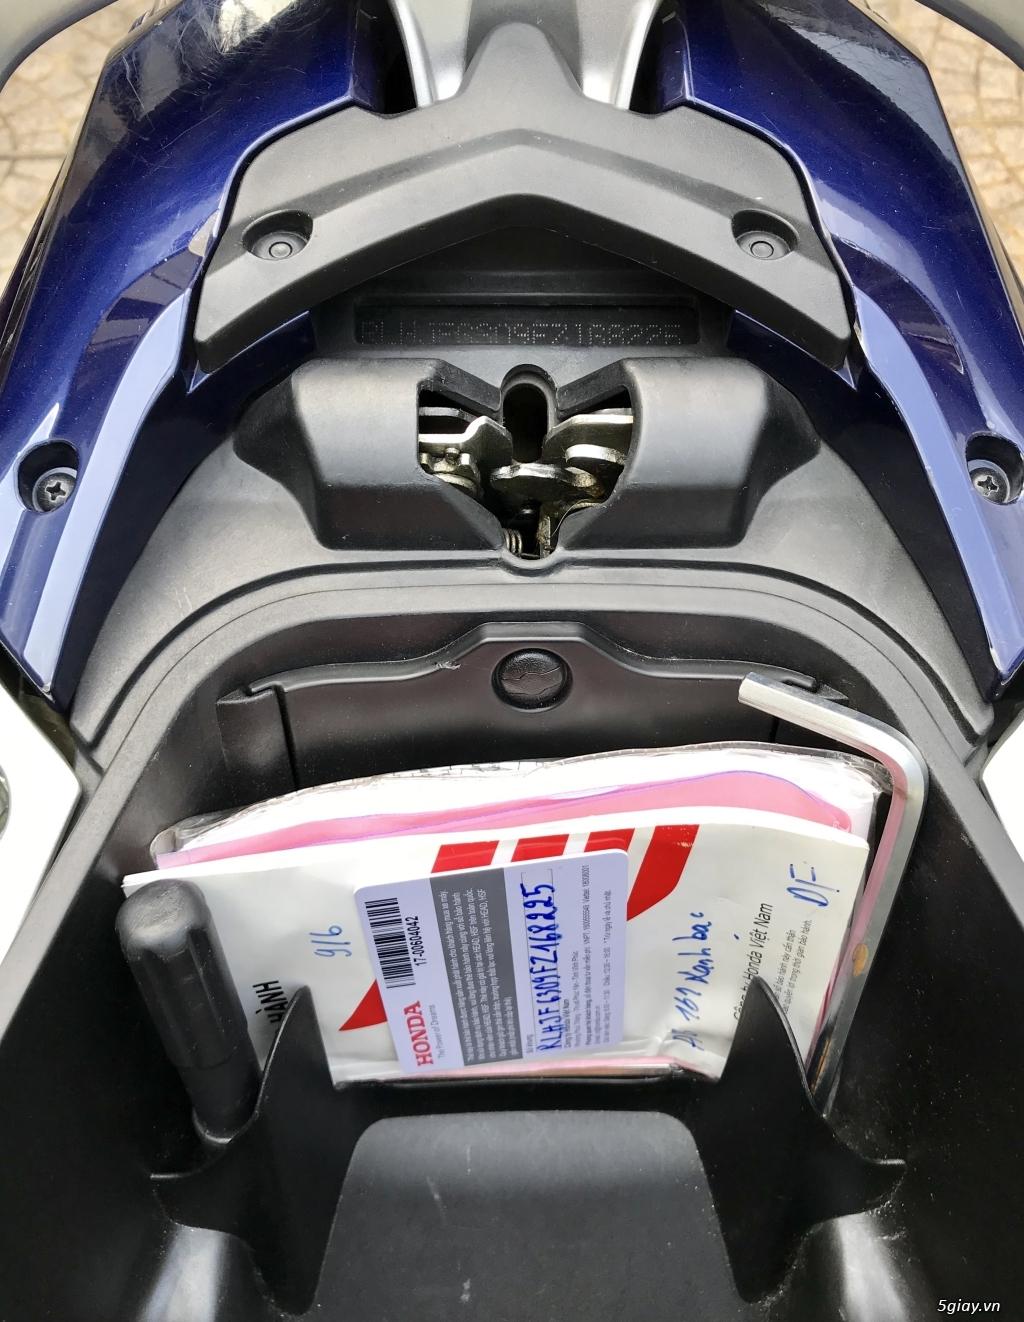 Bán xe Honda AirBlade 2017 FI 125cc, xe trùm mềm chính chủ - 7